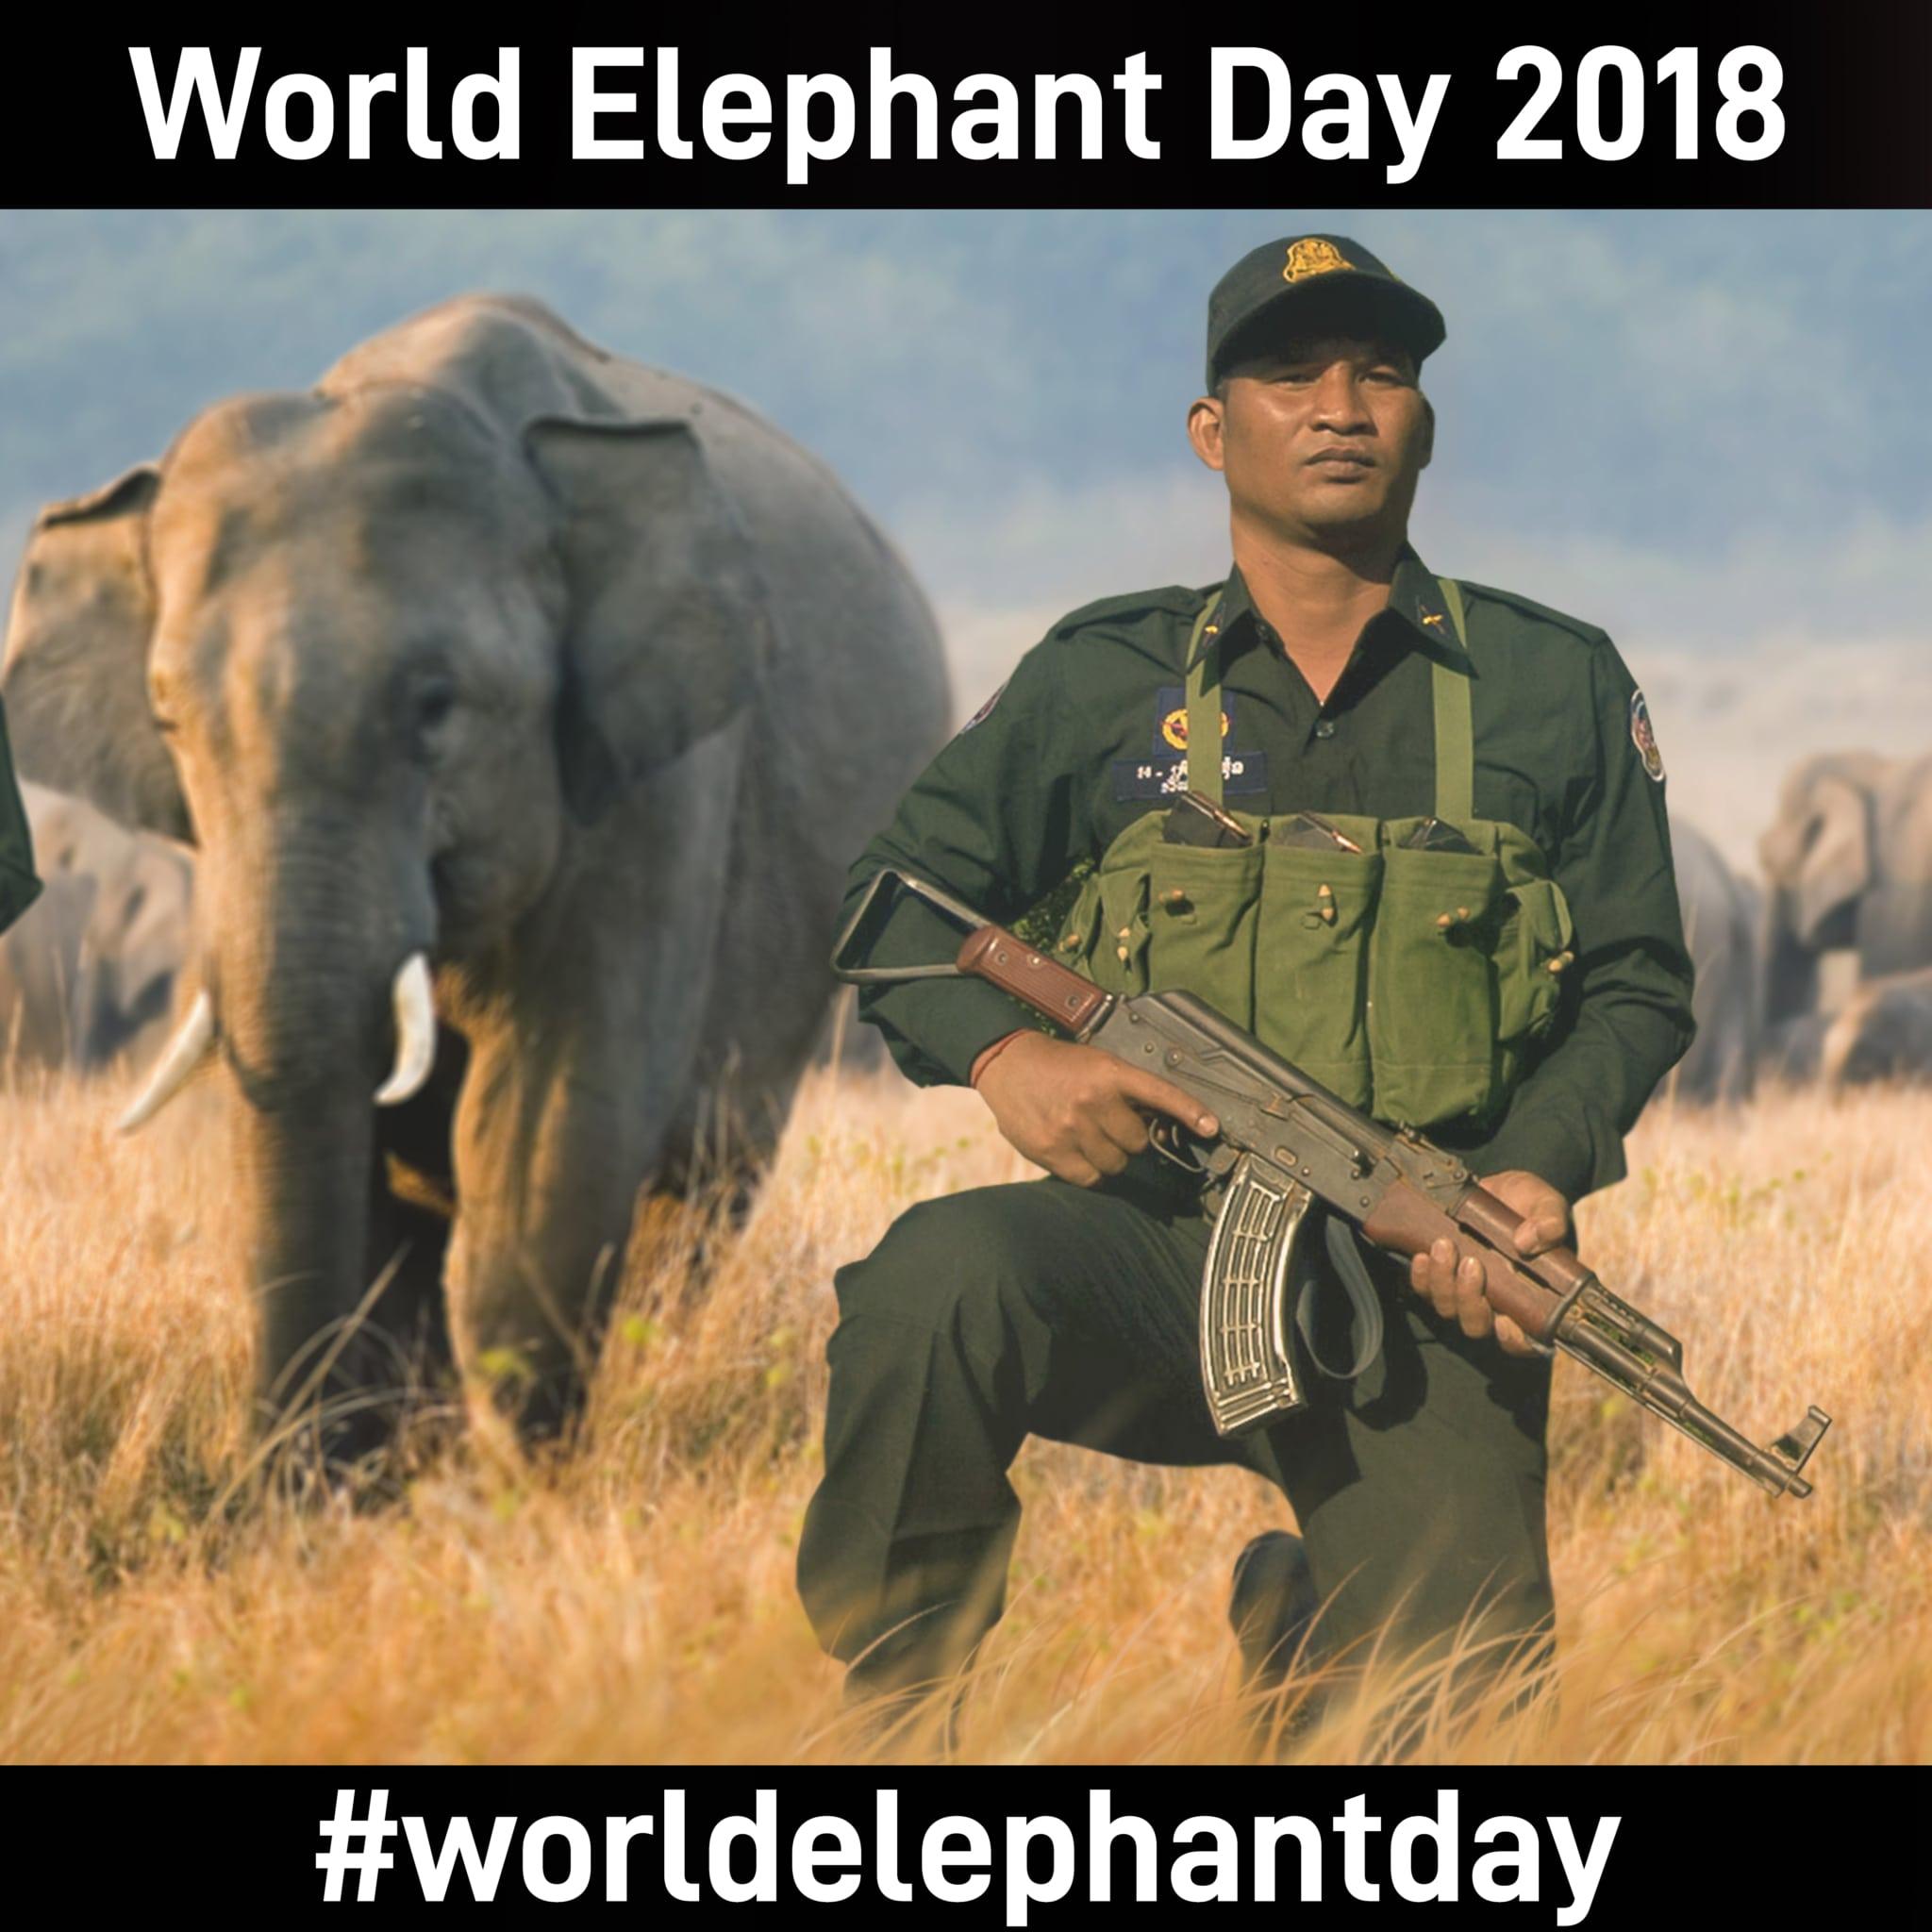 world elephant day 2018 World Elephant Day 2018 World Elephant Day 2018 Celebration